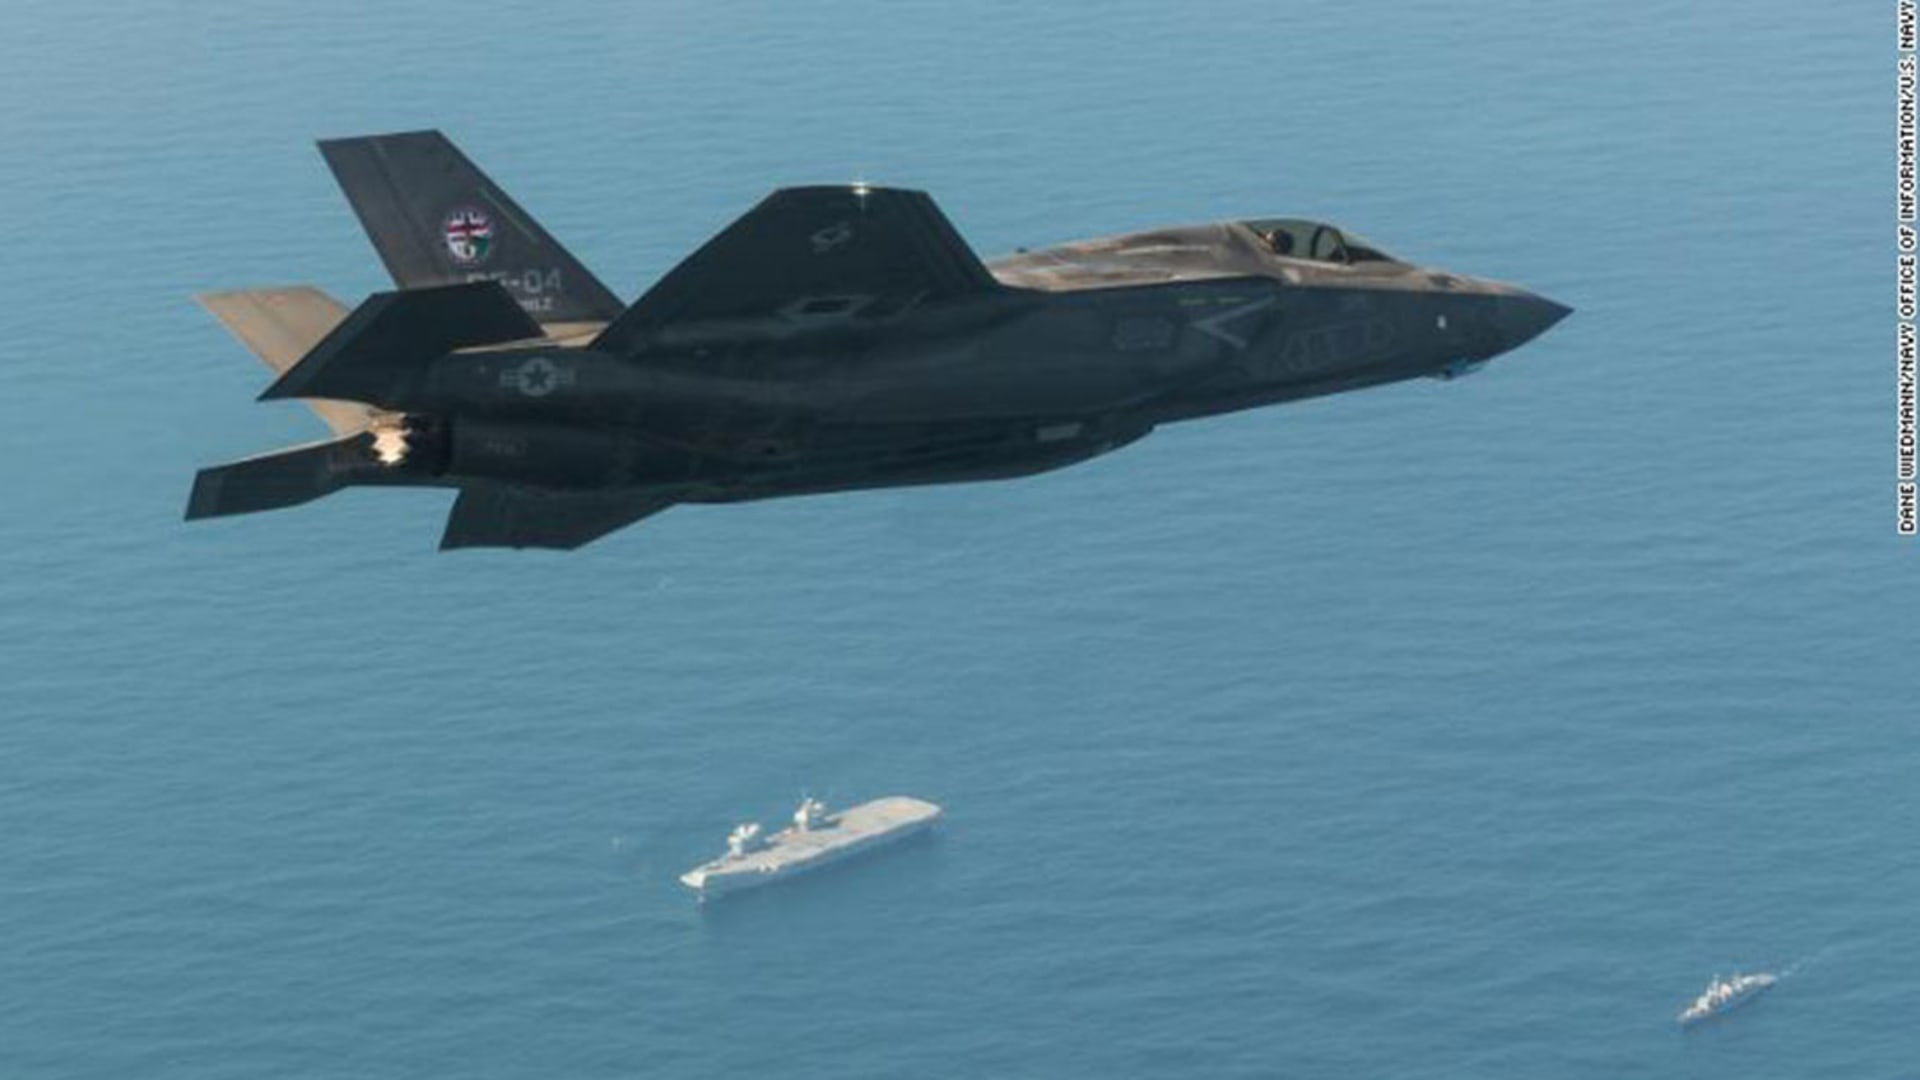 لمهمة بالشرق الأوسط.. مقاتلة أمريكية تقلع لأول مرة من حاملة طائرات أجنبية منذ الحرب العالمية الثانية